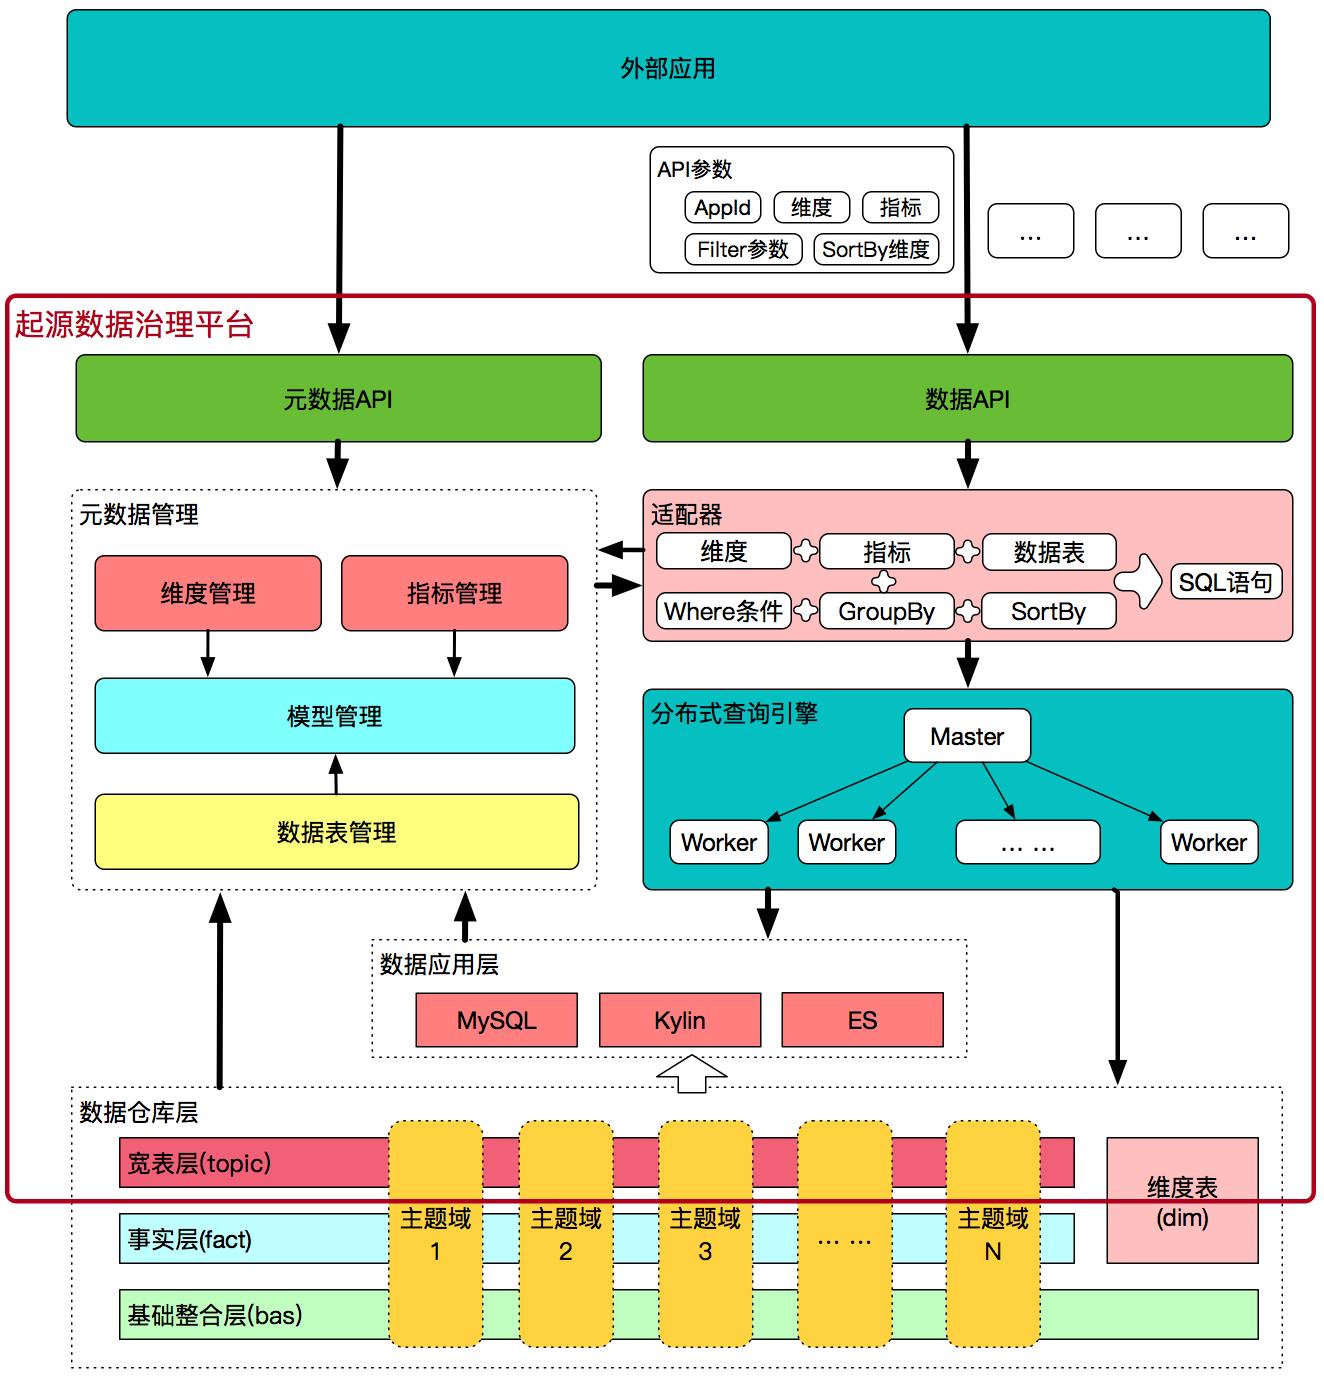 图11 起源数据治理平台内部工作原理